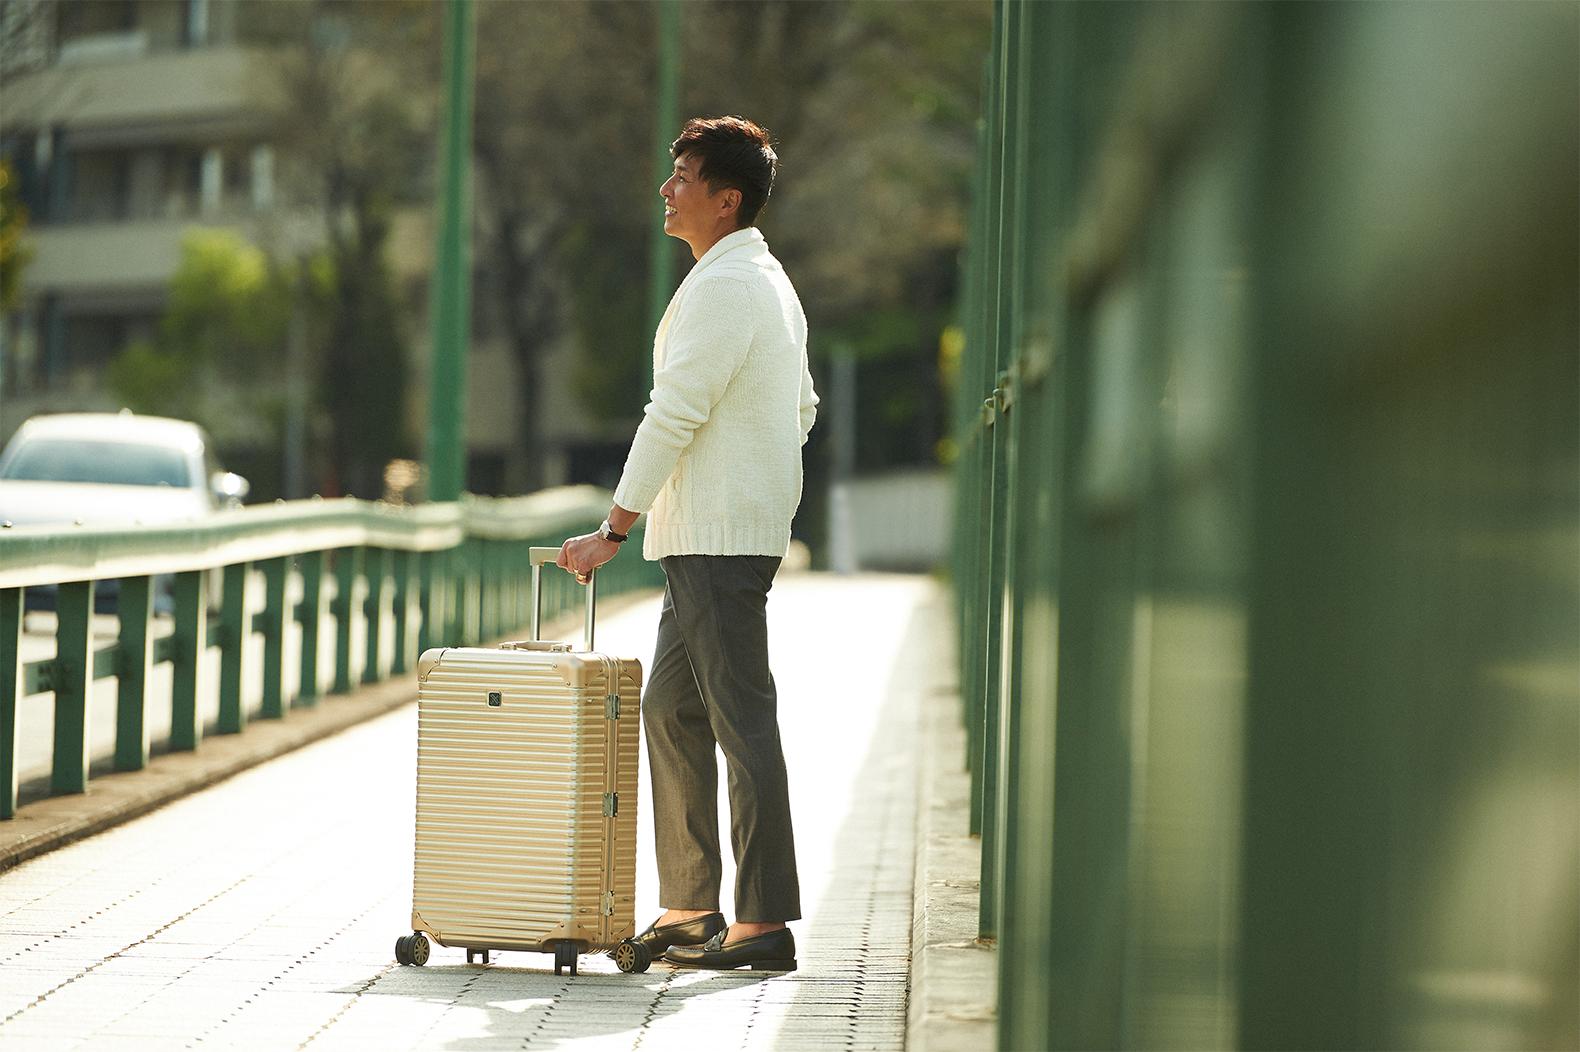 ラグジュアリーな旅に<br/>「ランツォ」 のスーツケースが似合う理由